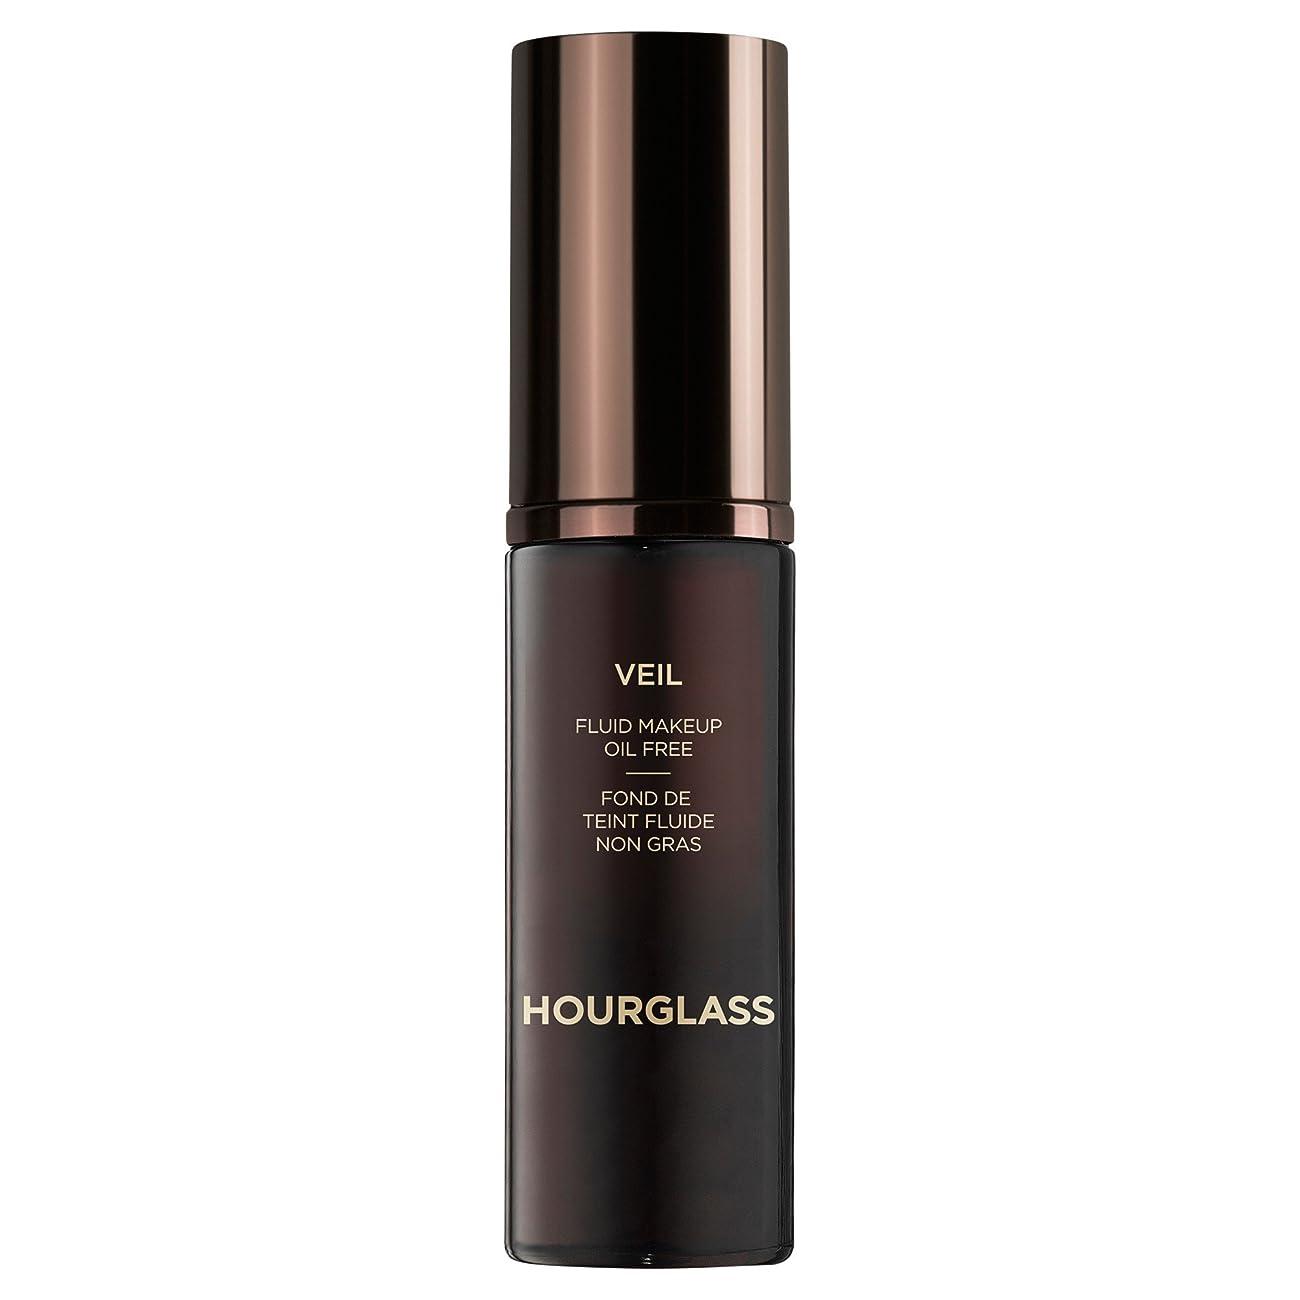 ディスパッチアコー思慮深い流体化粧磁器ベール砂時計 (Hourglass) - Hourglass Veil Fluid Makeup Porcelain [並行輸入品]